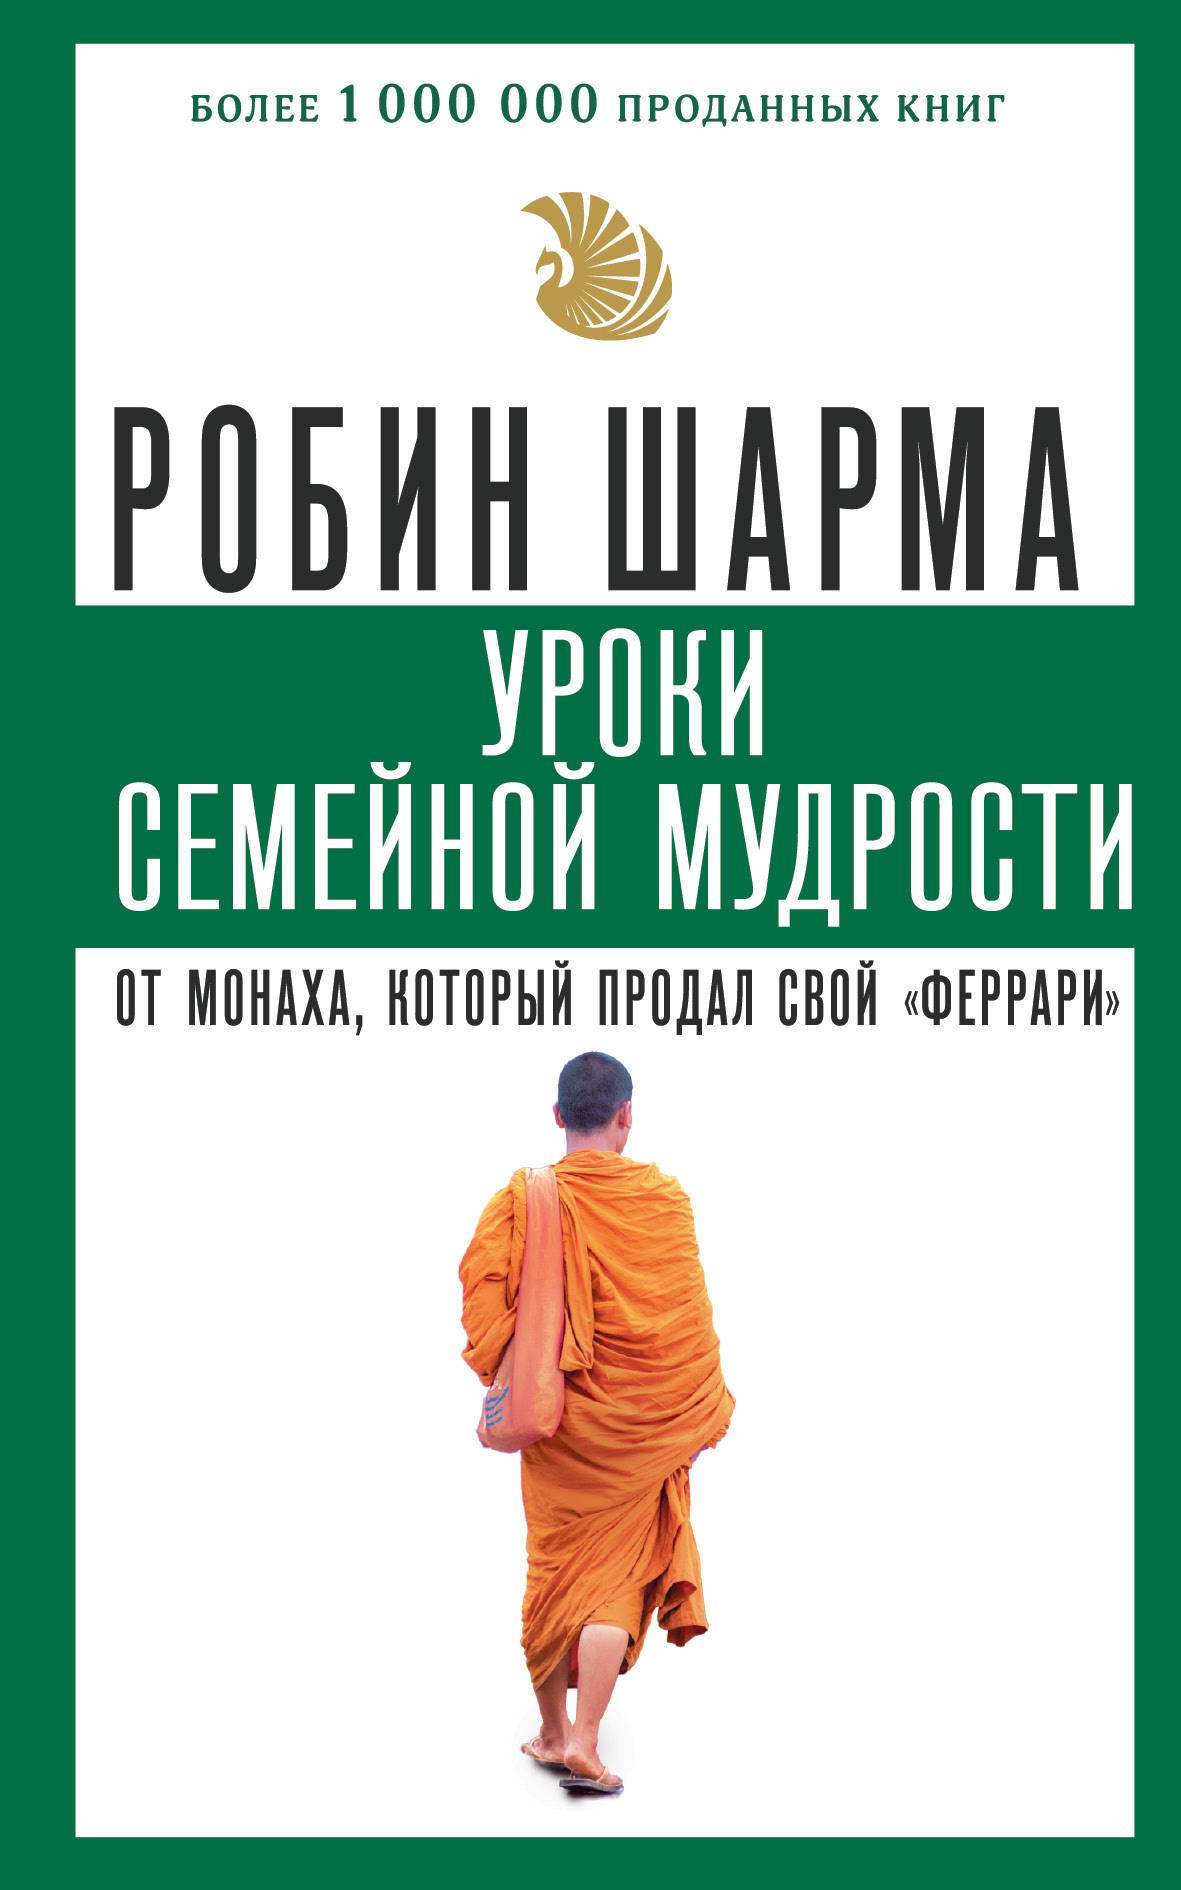 Уроки семейной мудрости от монаха, который продал свой \